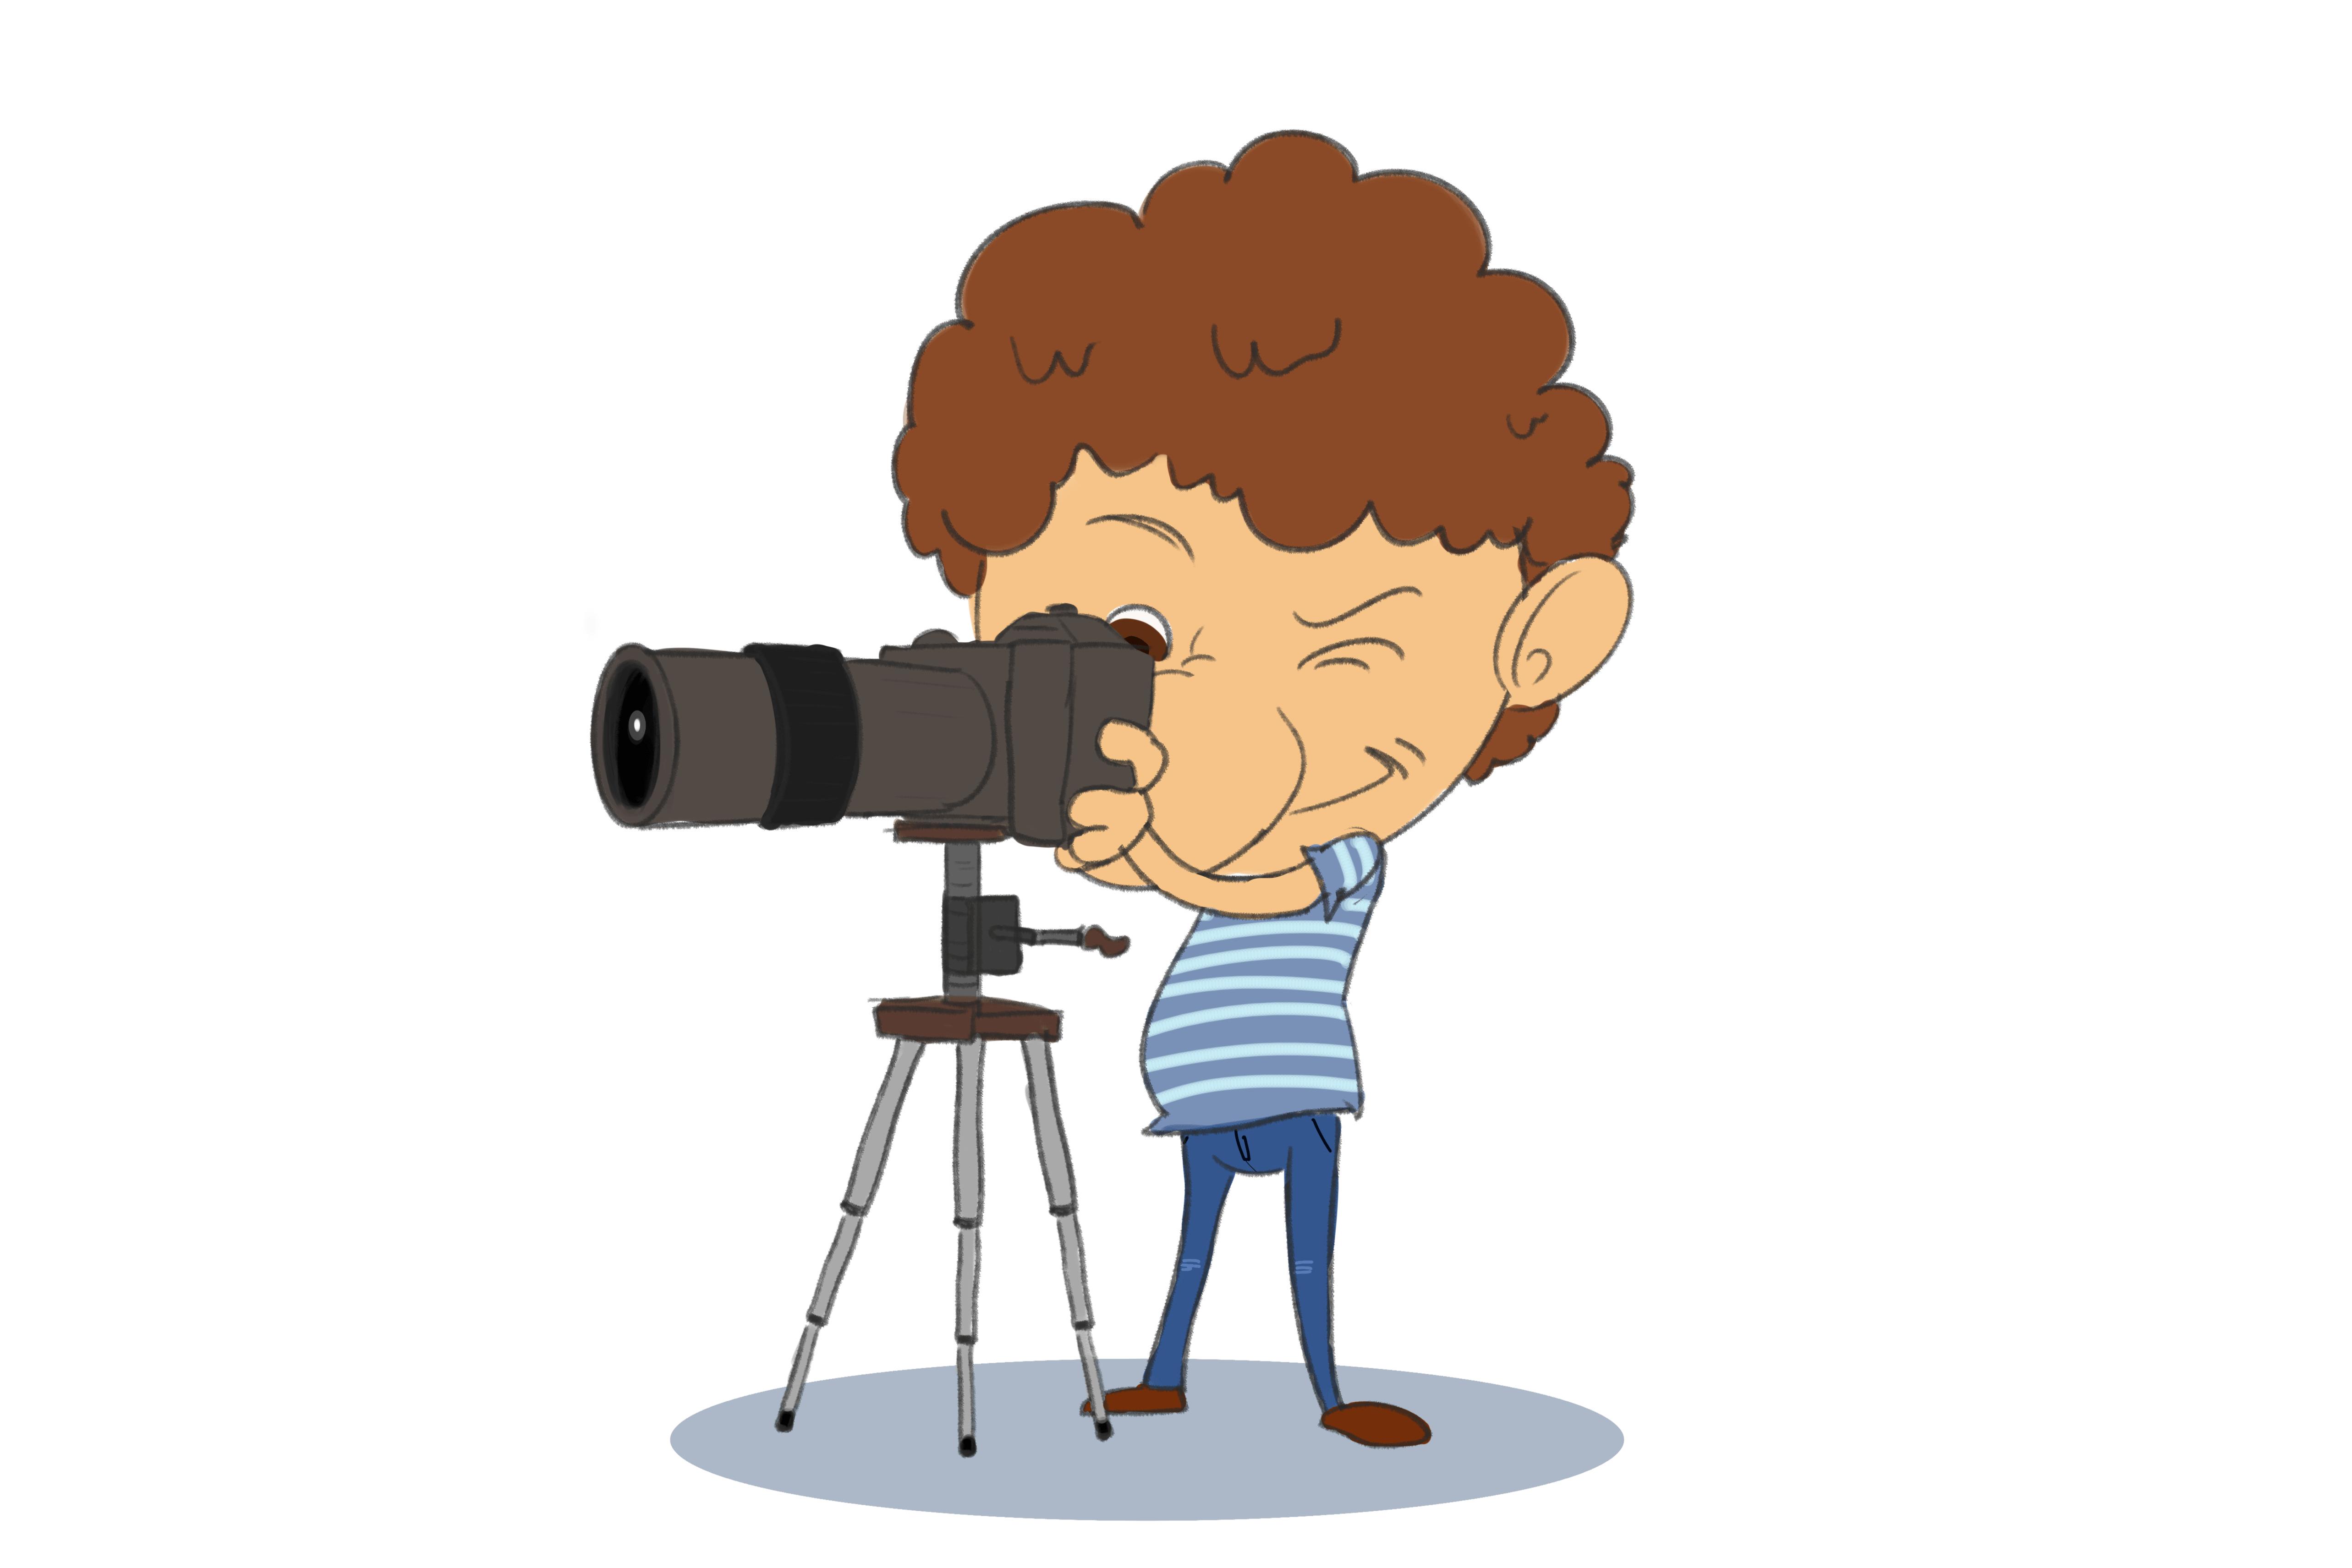 A-t-on besoin d'engager un photographe professionnel pour réaliser ses vidéos immobilières ?